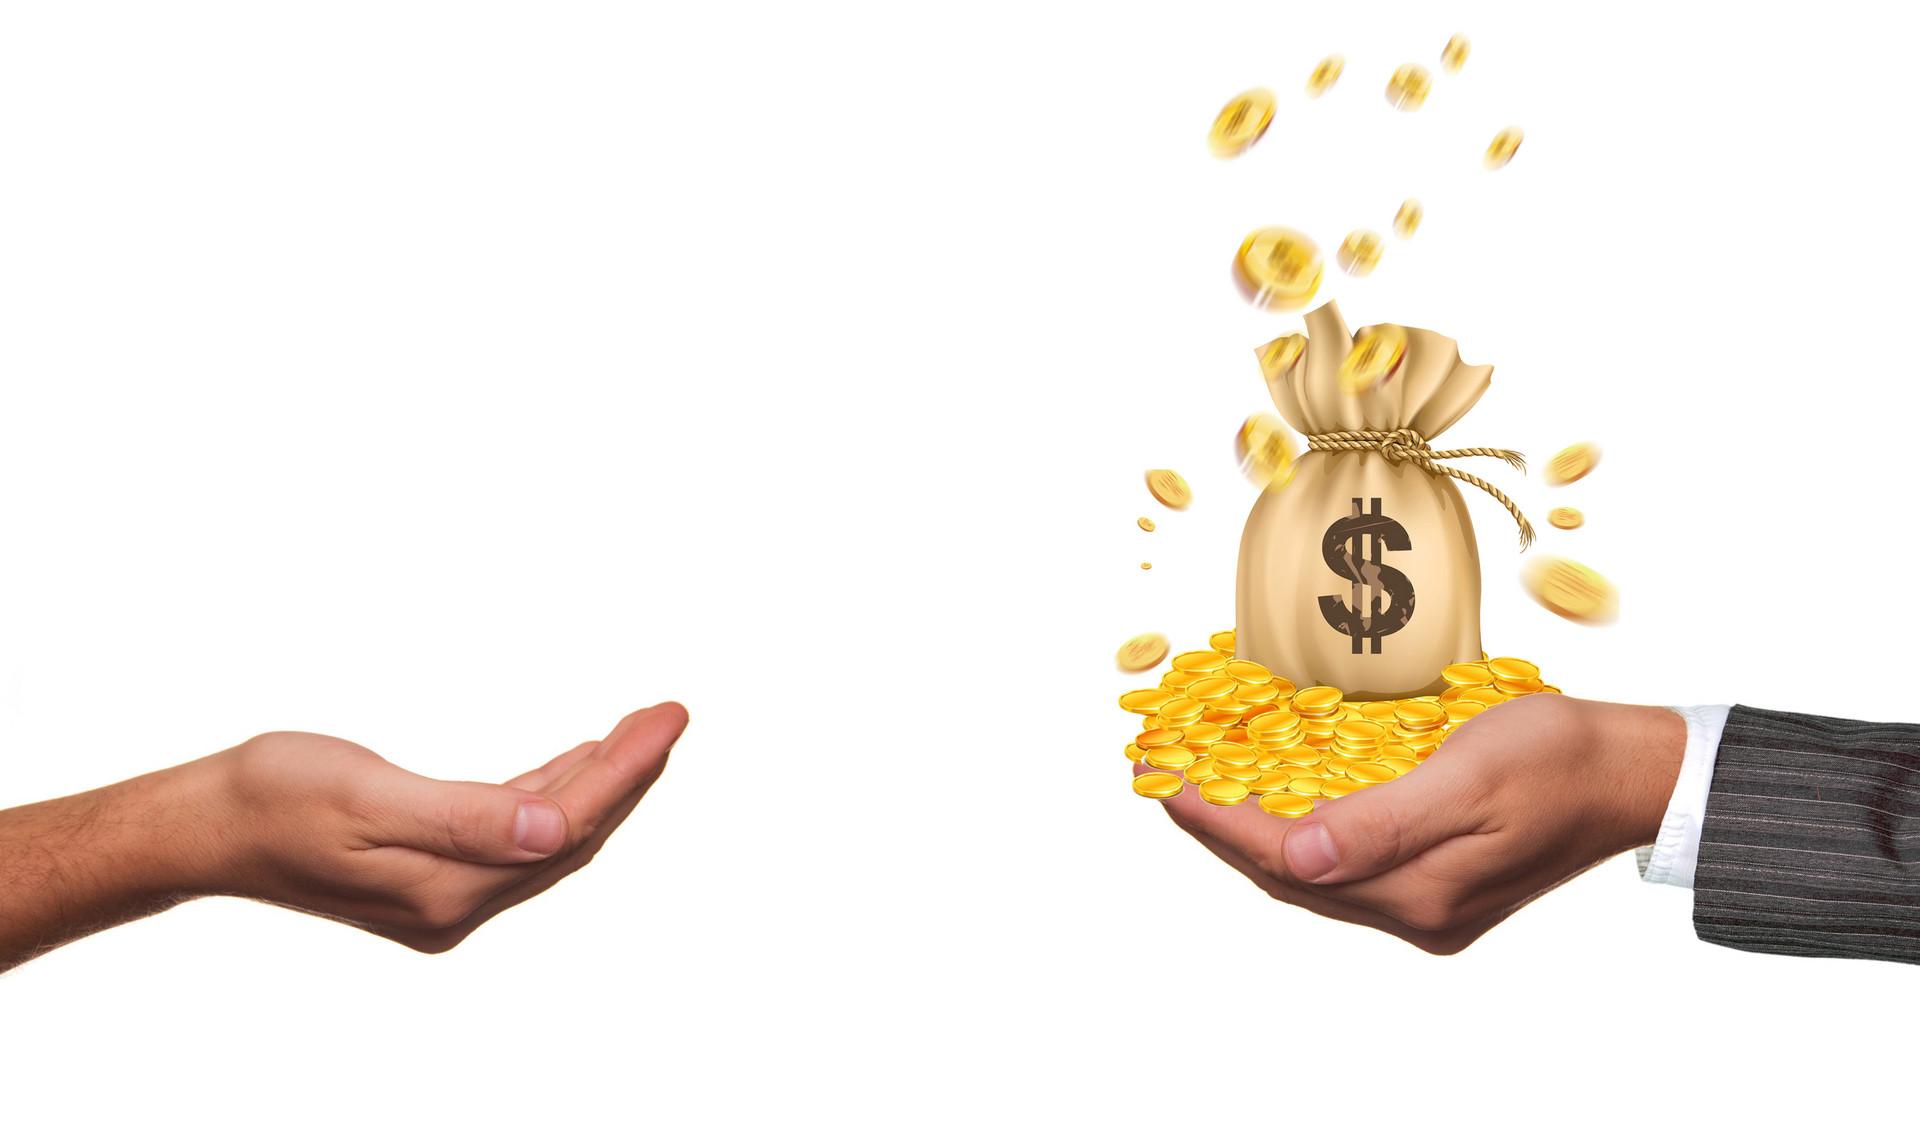 聪明HR的选择,微信工资条完胜传统工资条的两大优势